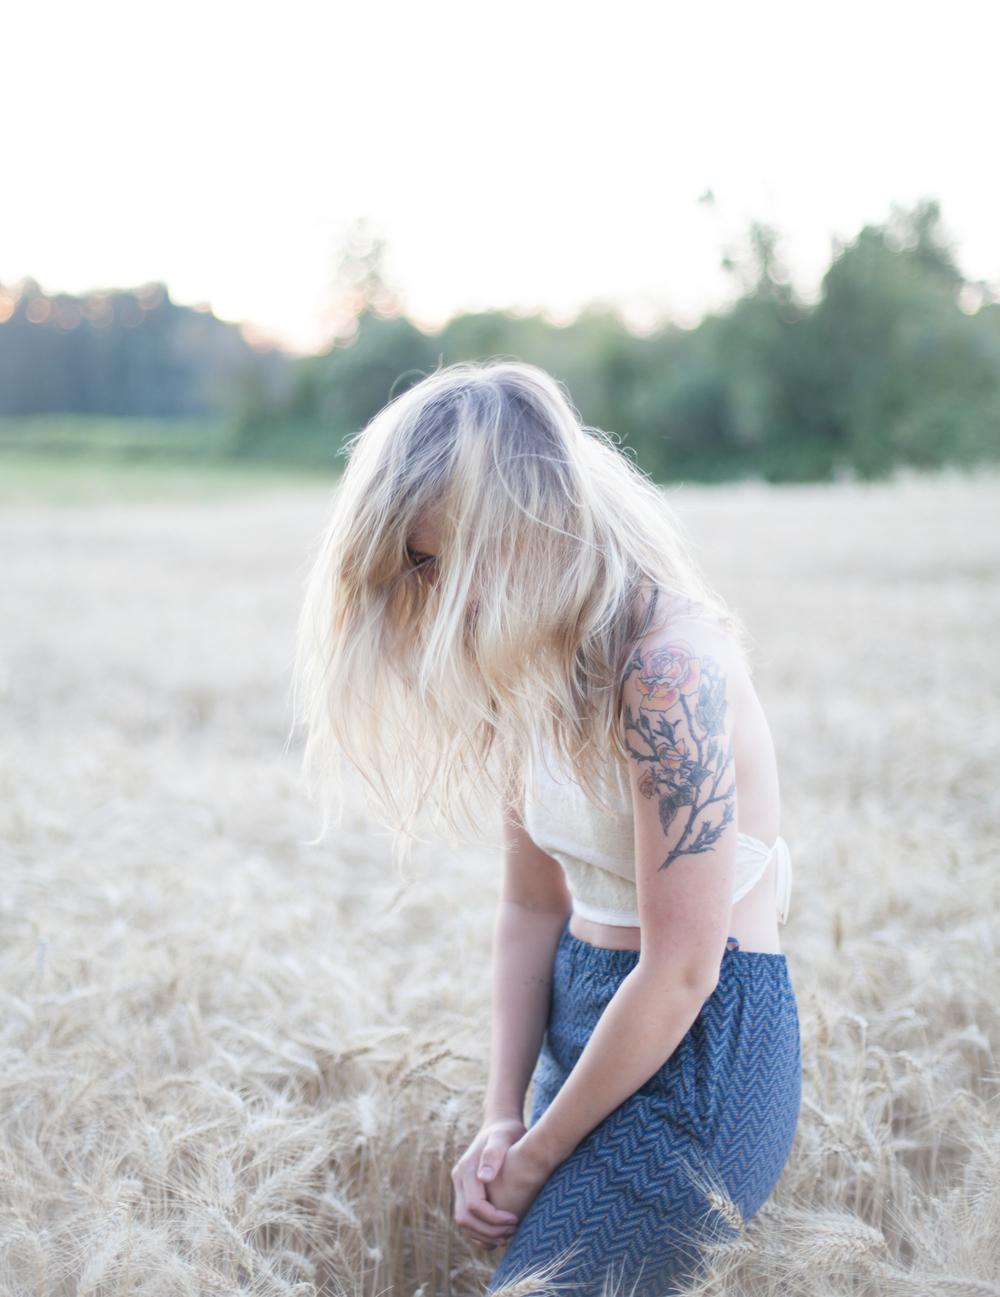 olivia_ashton_photography_ally4